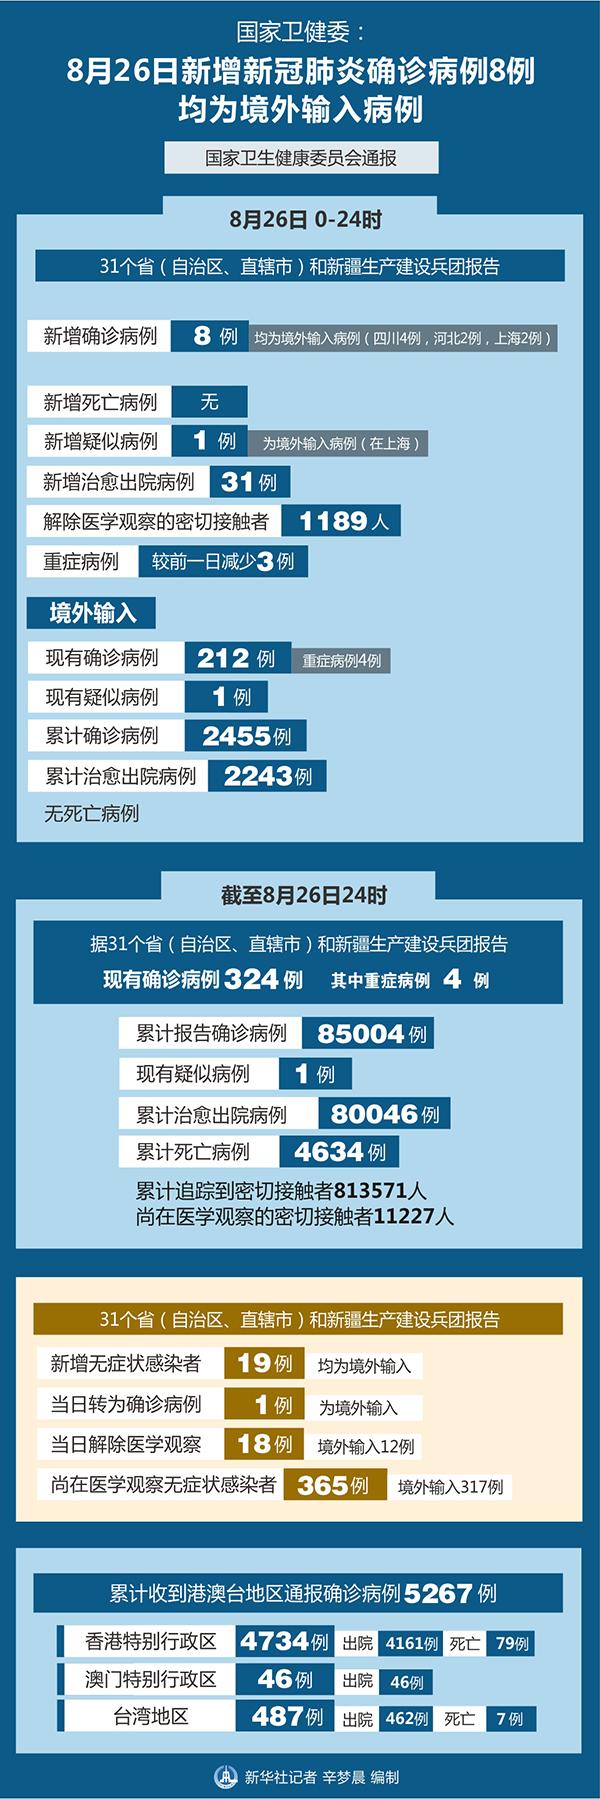 8月26日新增新冠肺炎确诊病例8例 均为境外输入病例